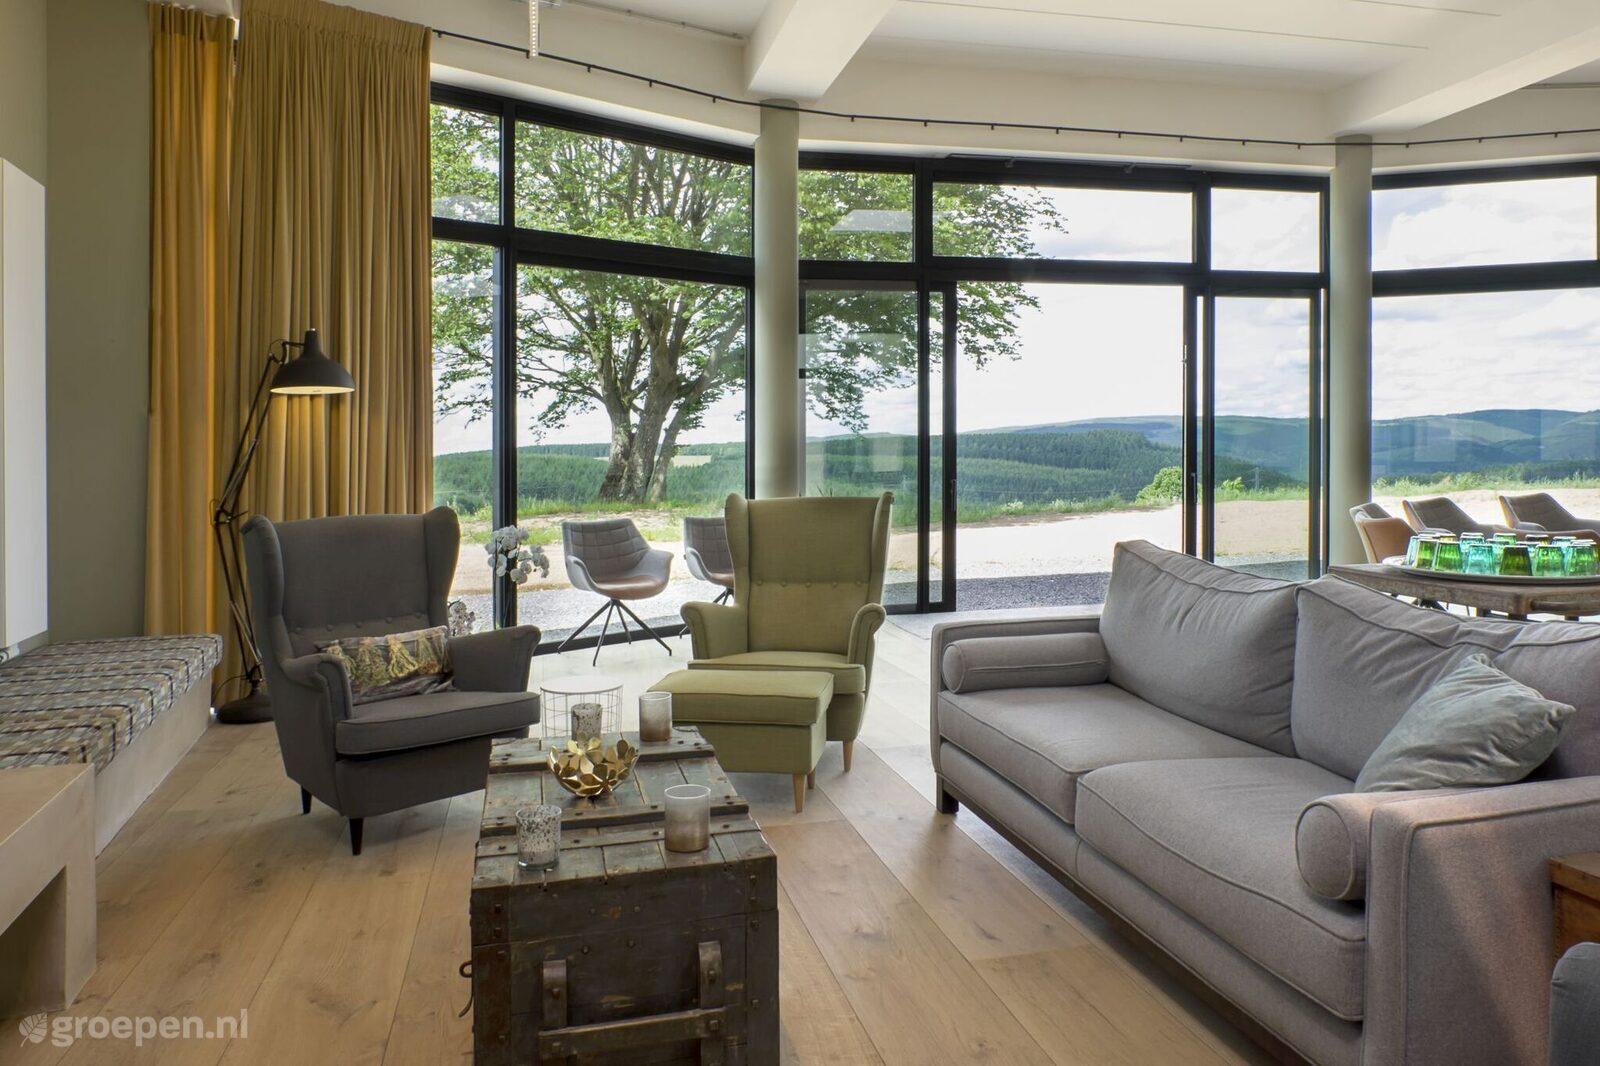 Vakantiehuis Hubermont - België - Luxemburg - 20 personen - woonkamer